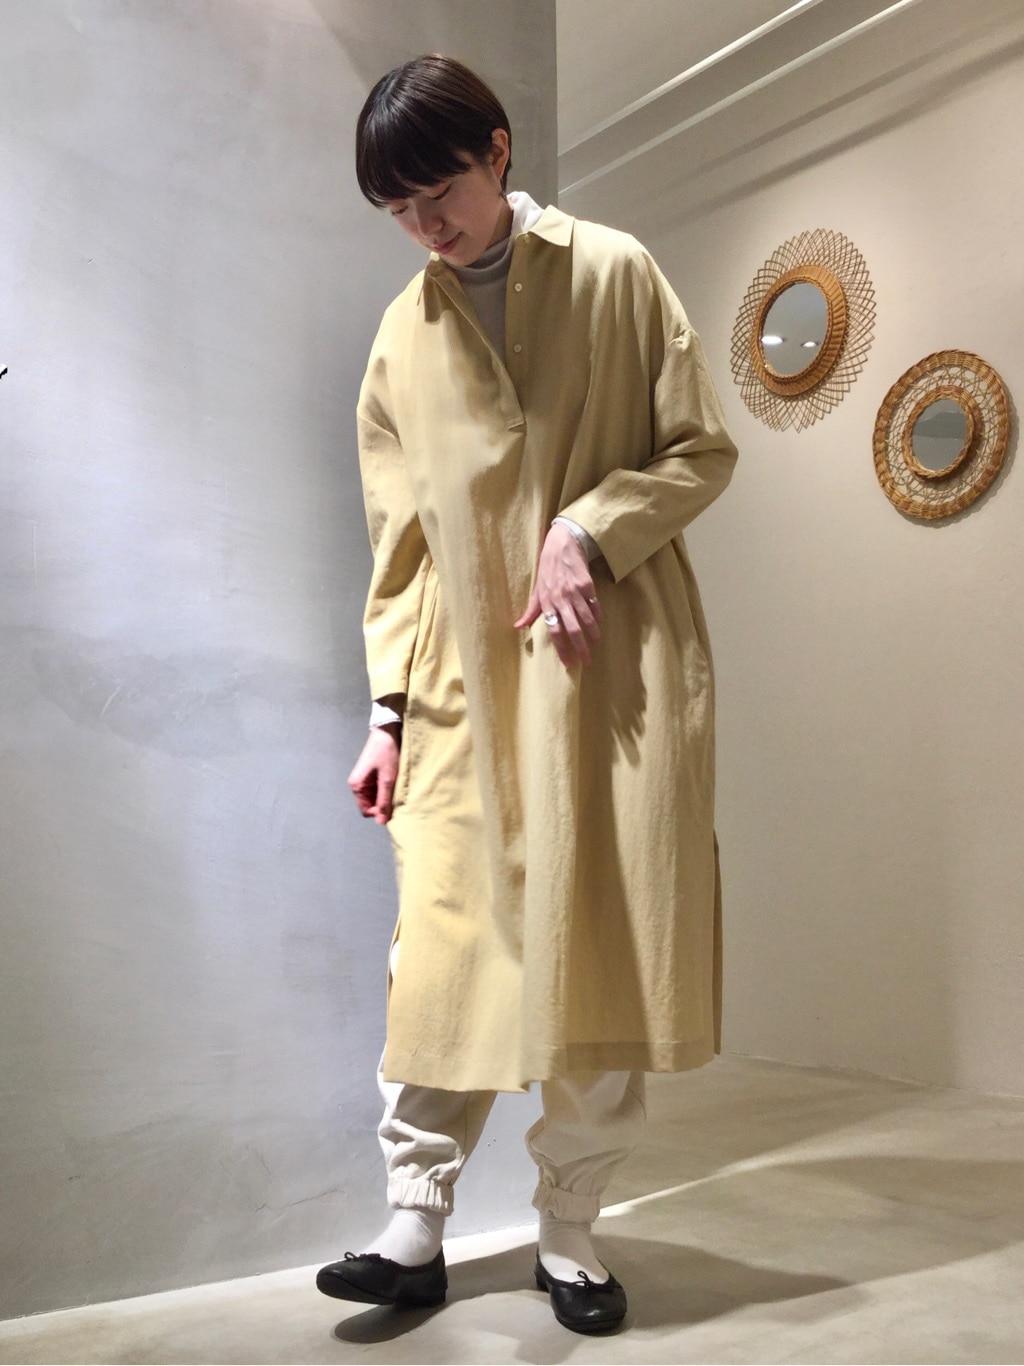 yuni ニュウマン横浜 身長:166cm 2021.01.23